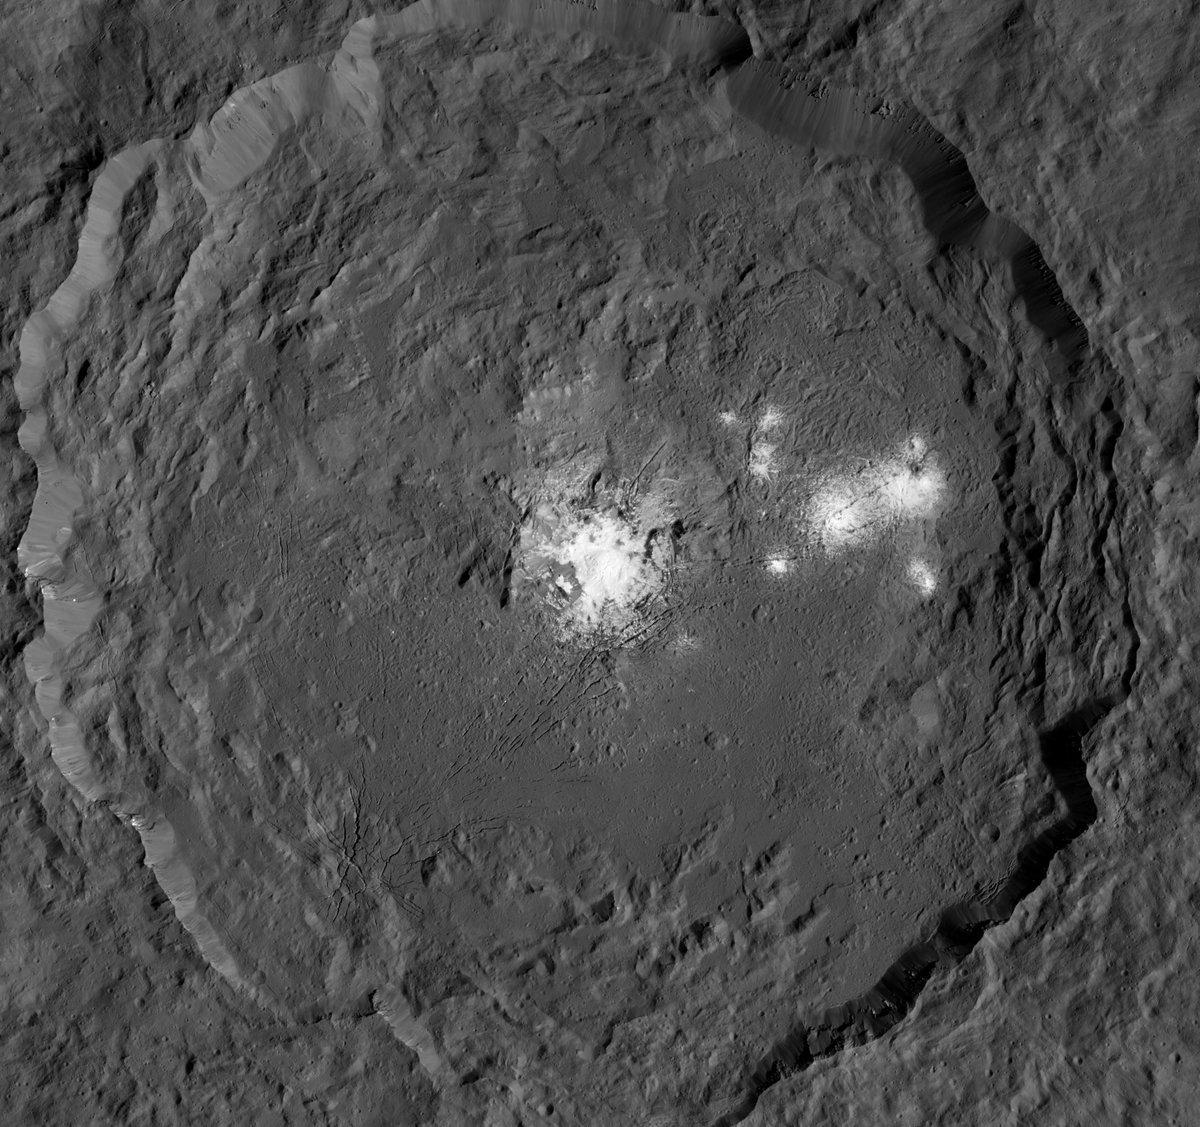 At long last, I bring you close-ups of #Ceres' bright spots https://t.co/Z1bXEQrxM1 https://t.co/oL7kzlwmrm